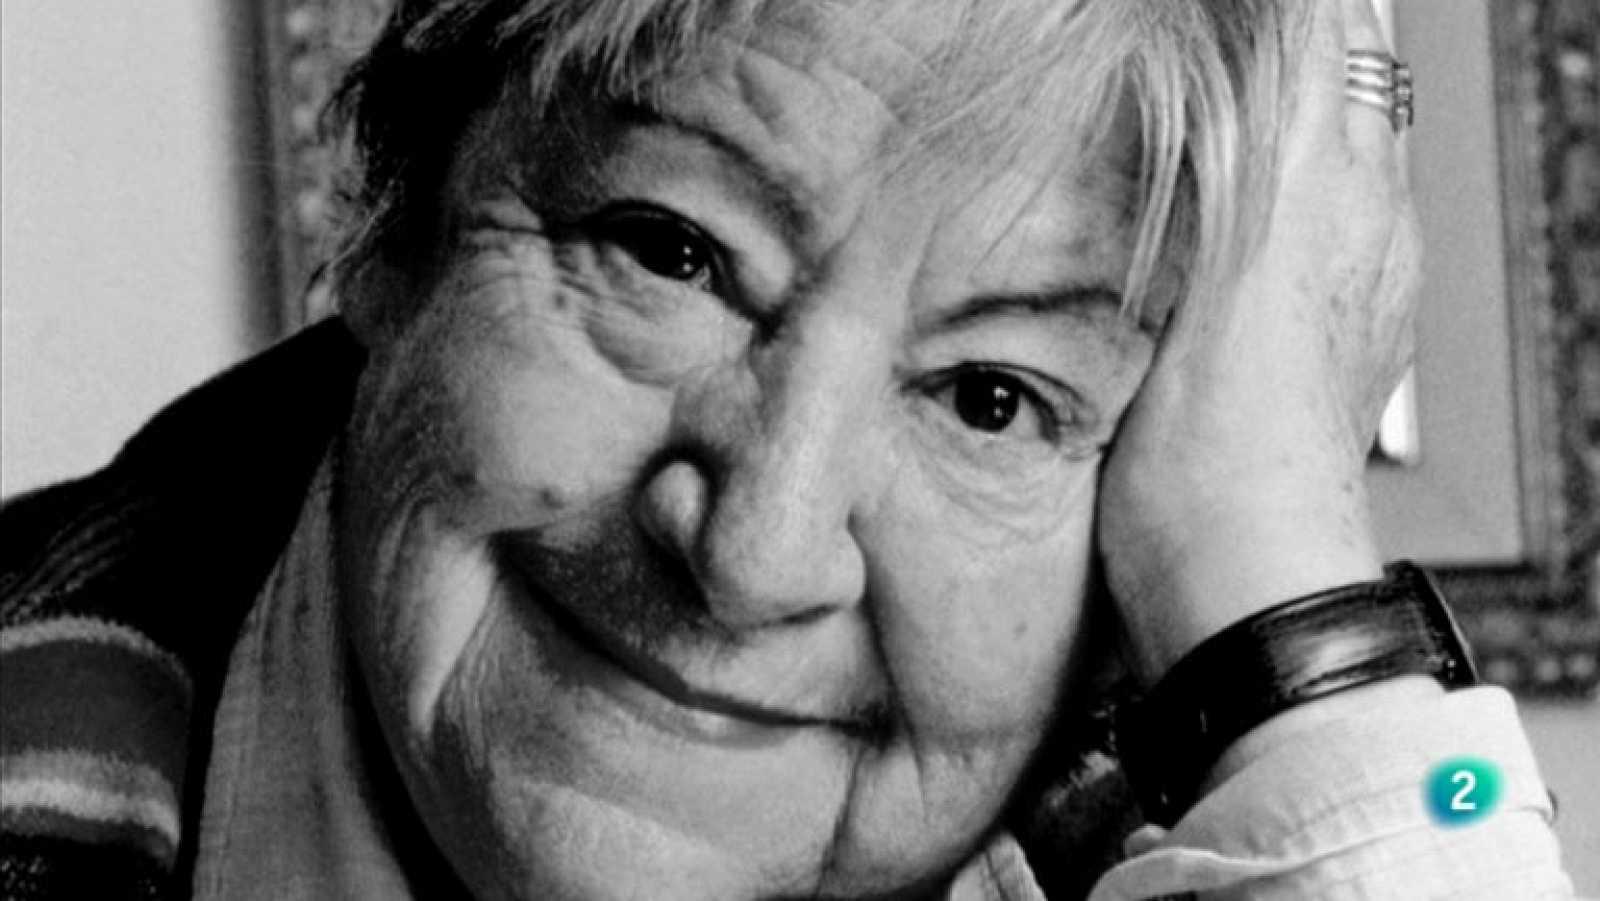 La mitad invisible - Autobiografía (Gloria Fuertes) - ver ahora